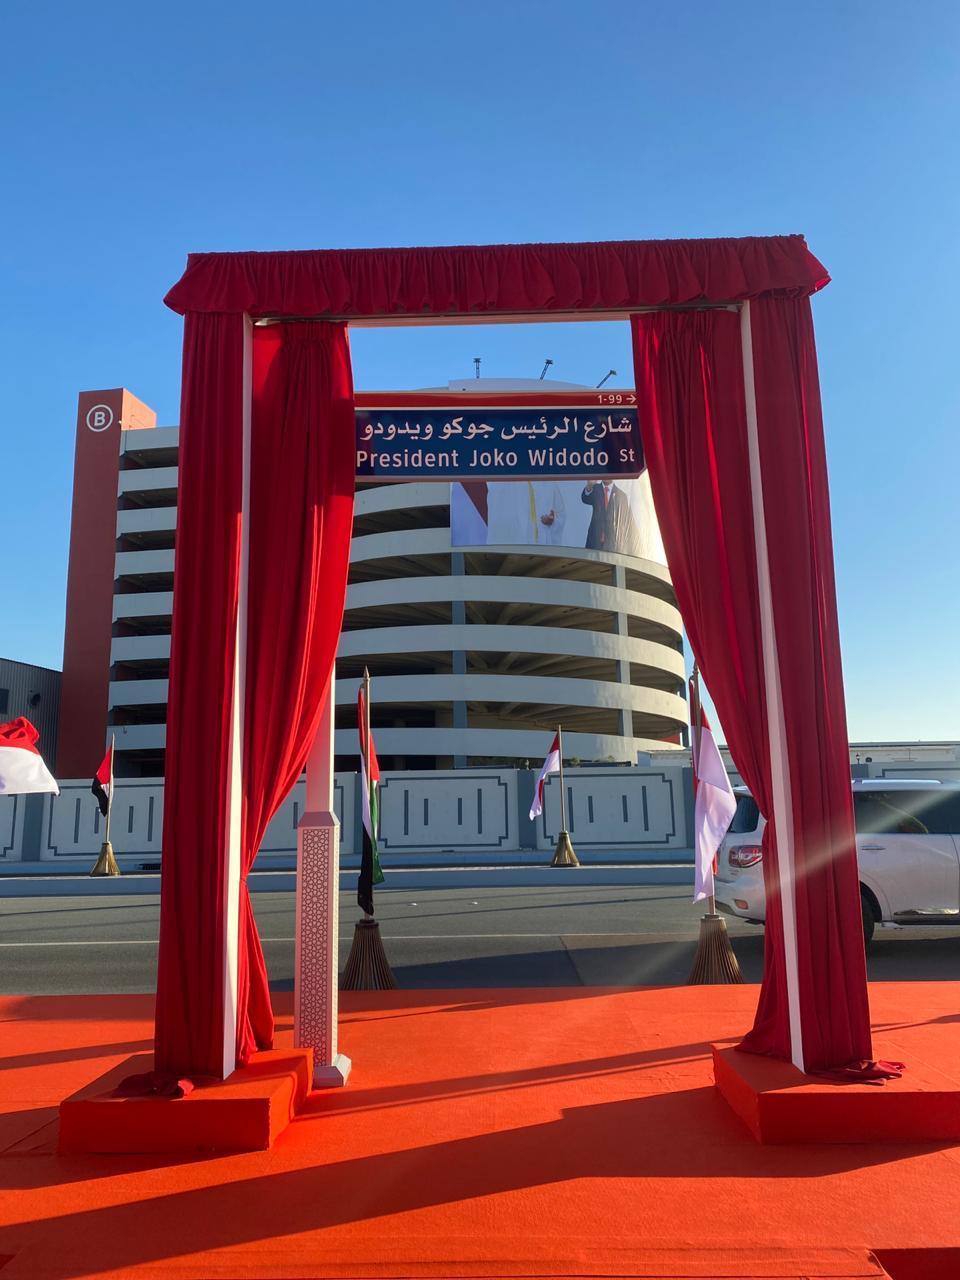 Jalan Presiden Joko Widodo